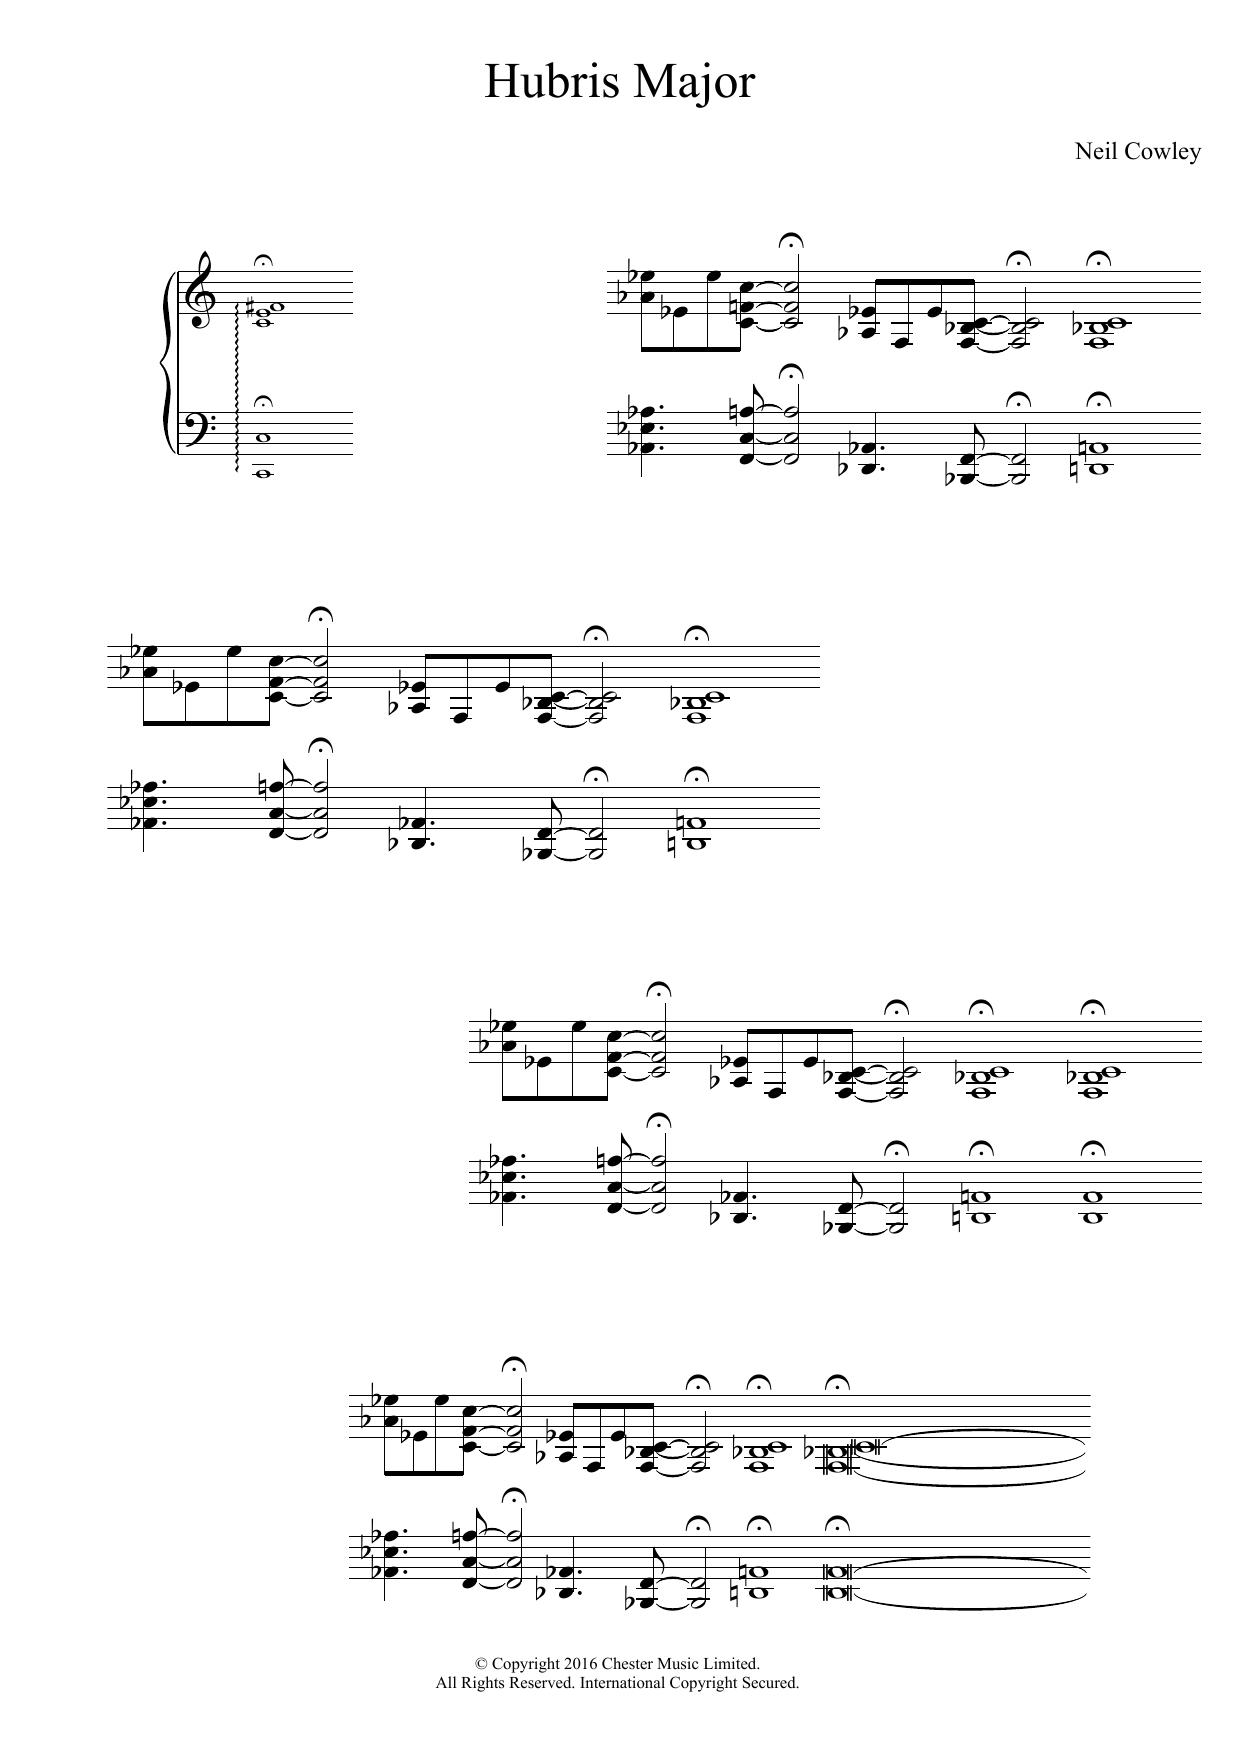 Hubris Major Sheet Music